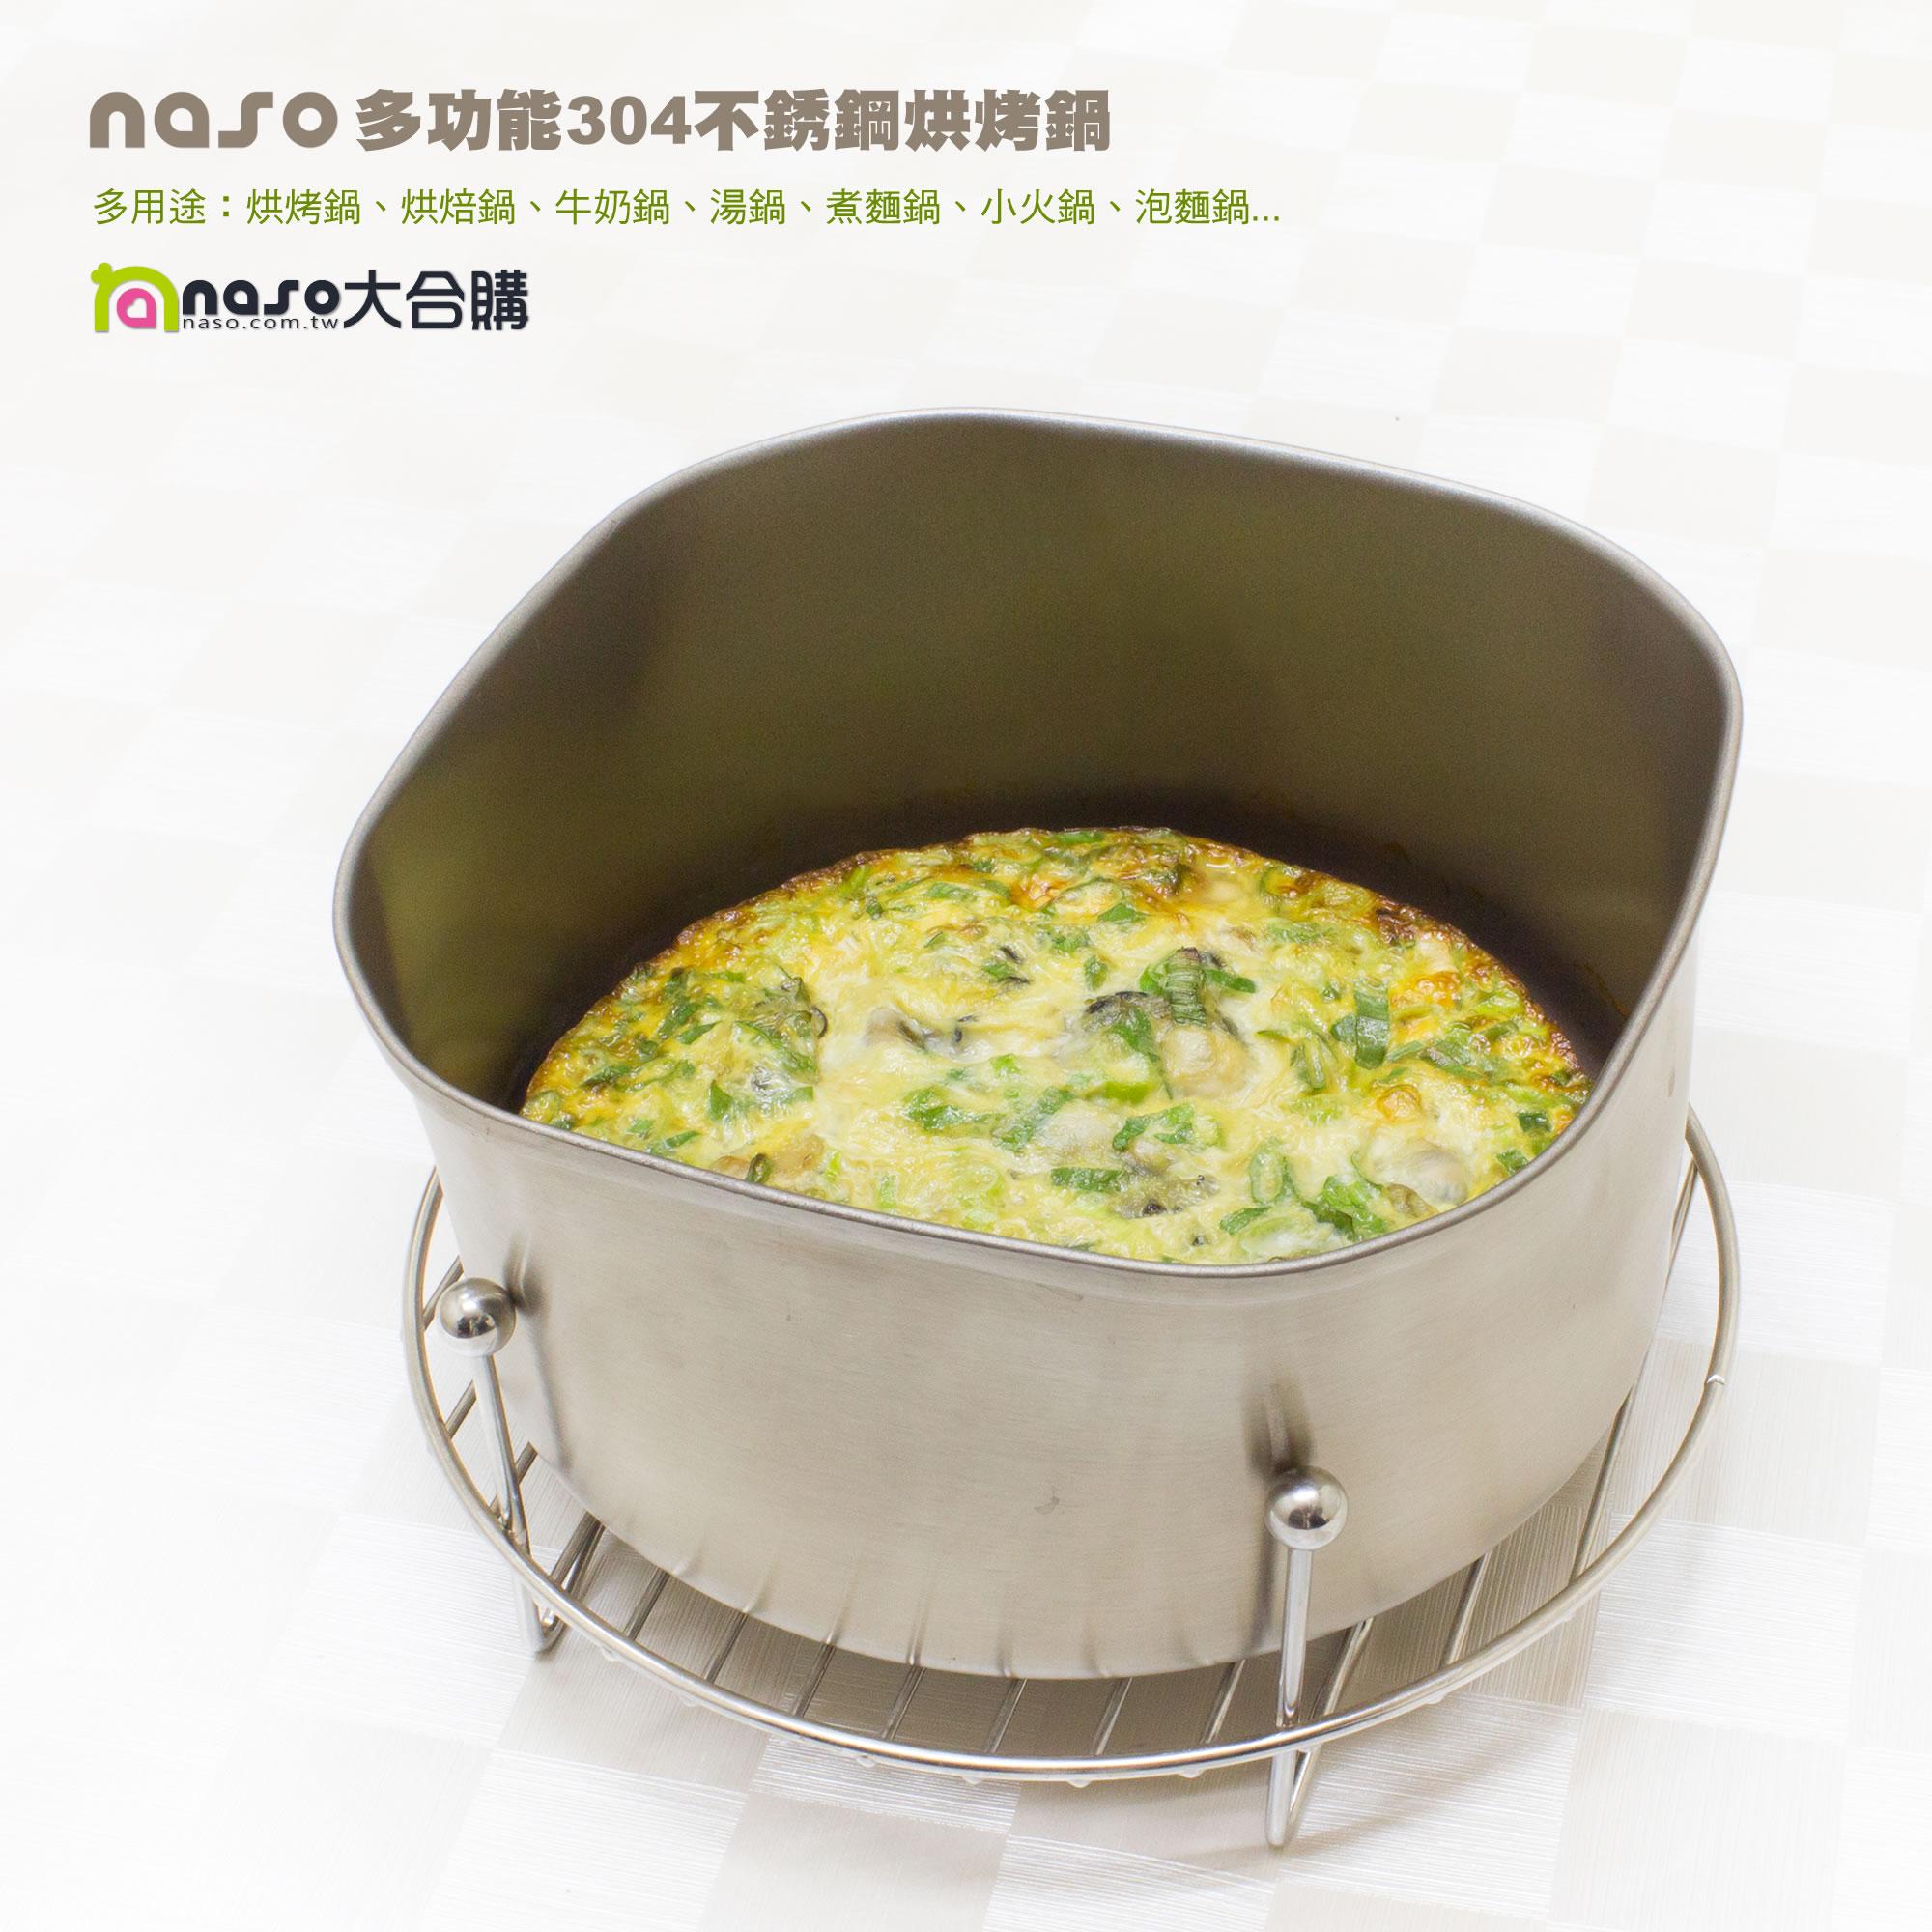 【台灣製造】naso多功能304不銹鋼烘烤鍋 好評第19團